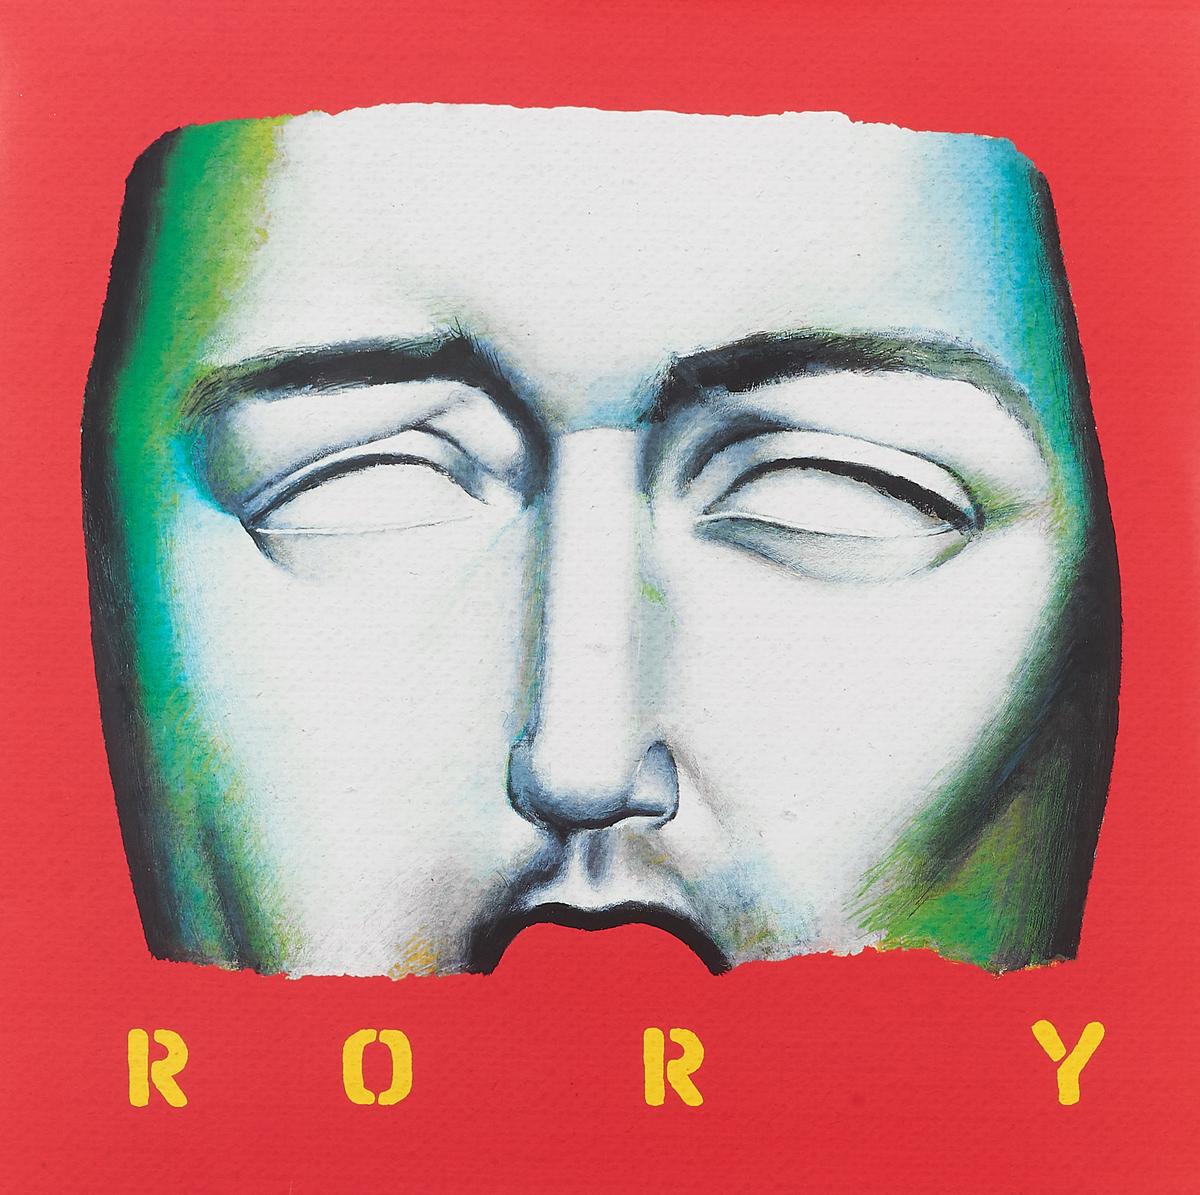 лучшая цена Рори Галлахер Rory Gallagher. Wheels Within Wheels (LP)